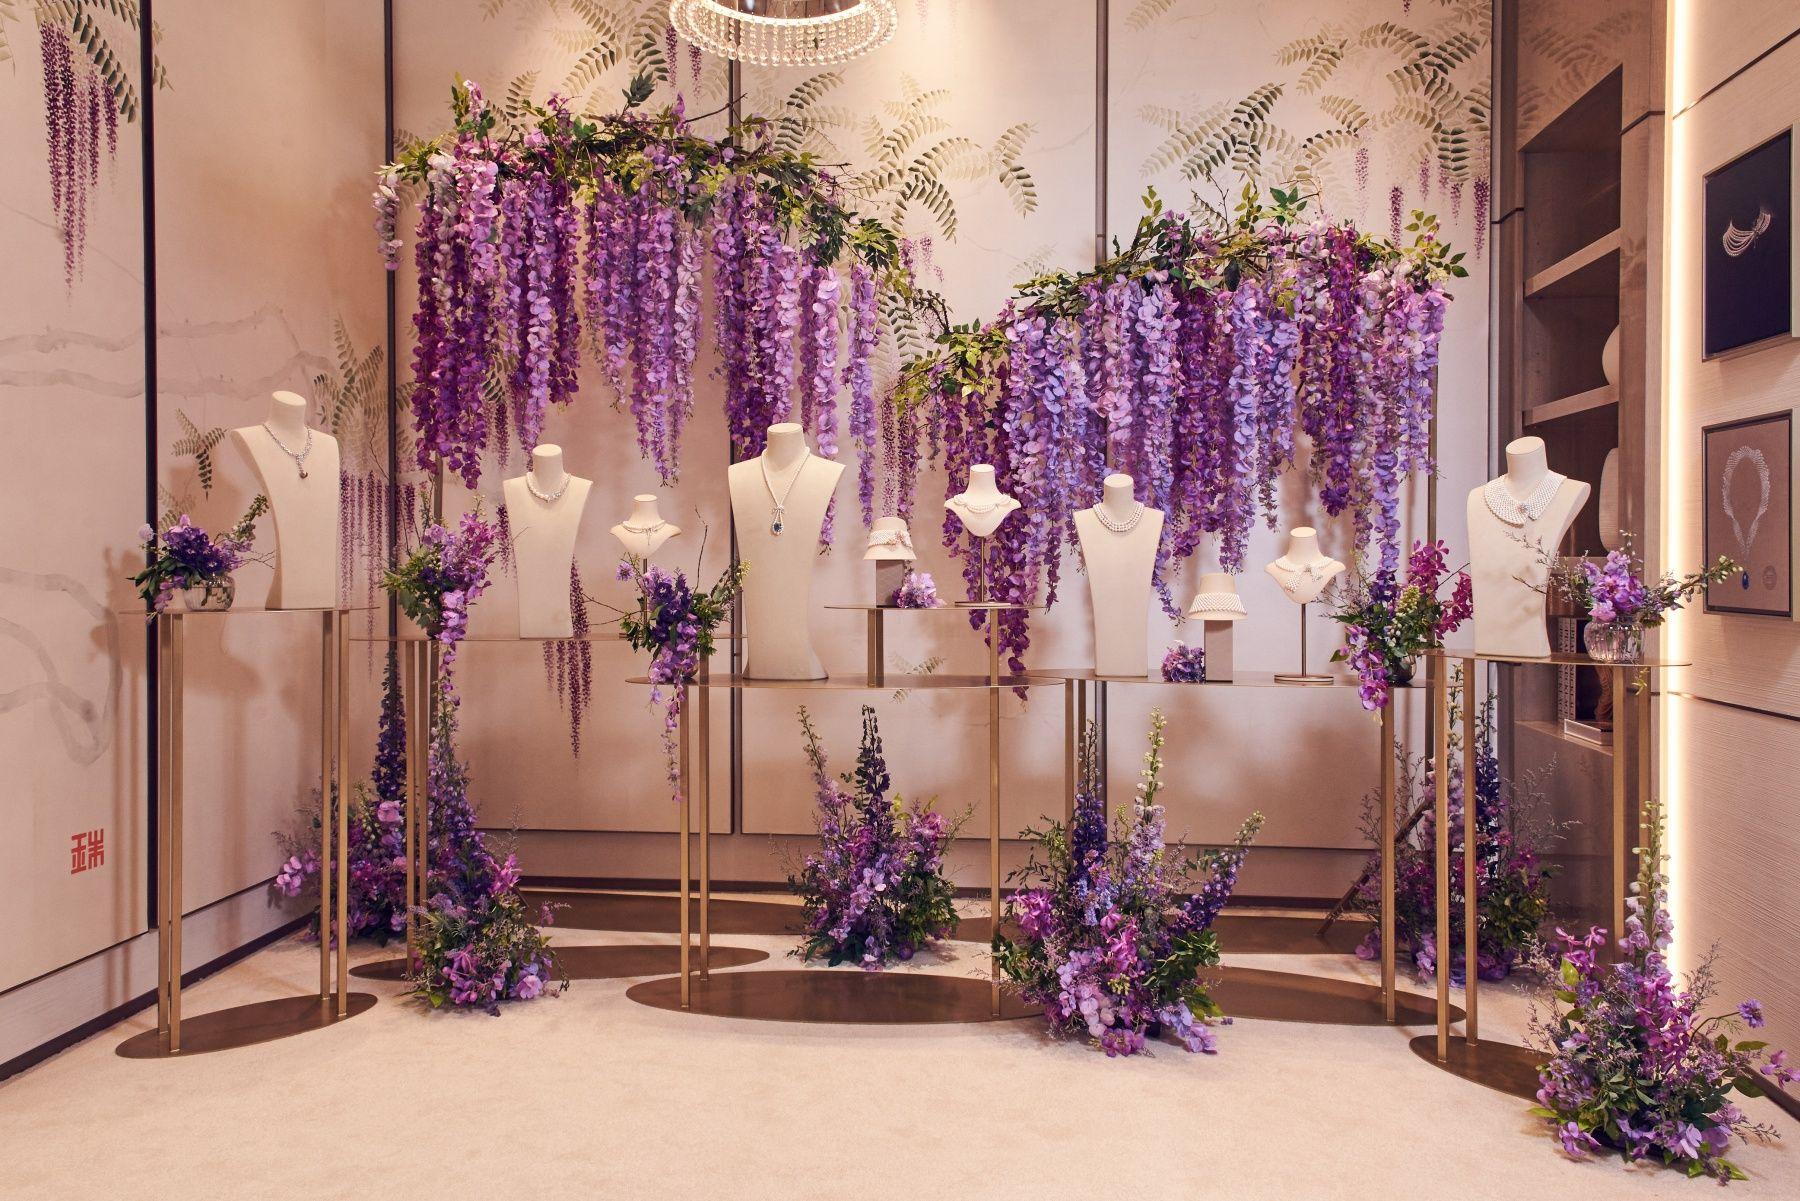 My Mikimoto, My Style 頂級珠寶展,以春天的繽紛優雅氛圍改裝,創作出嶄新的頂級珠寶展間。